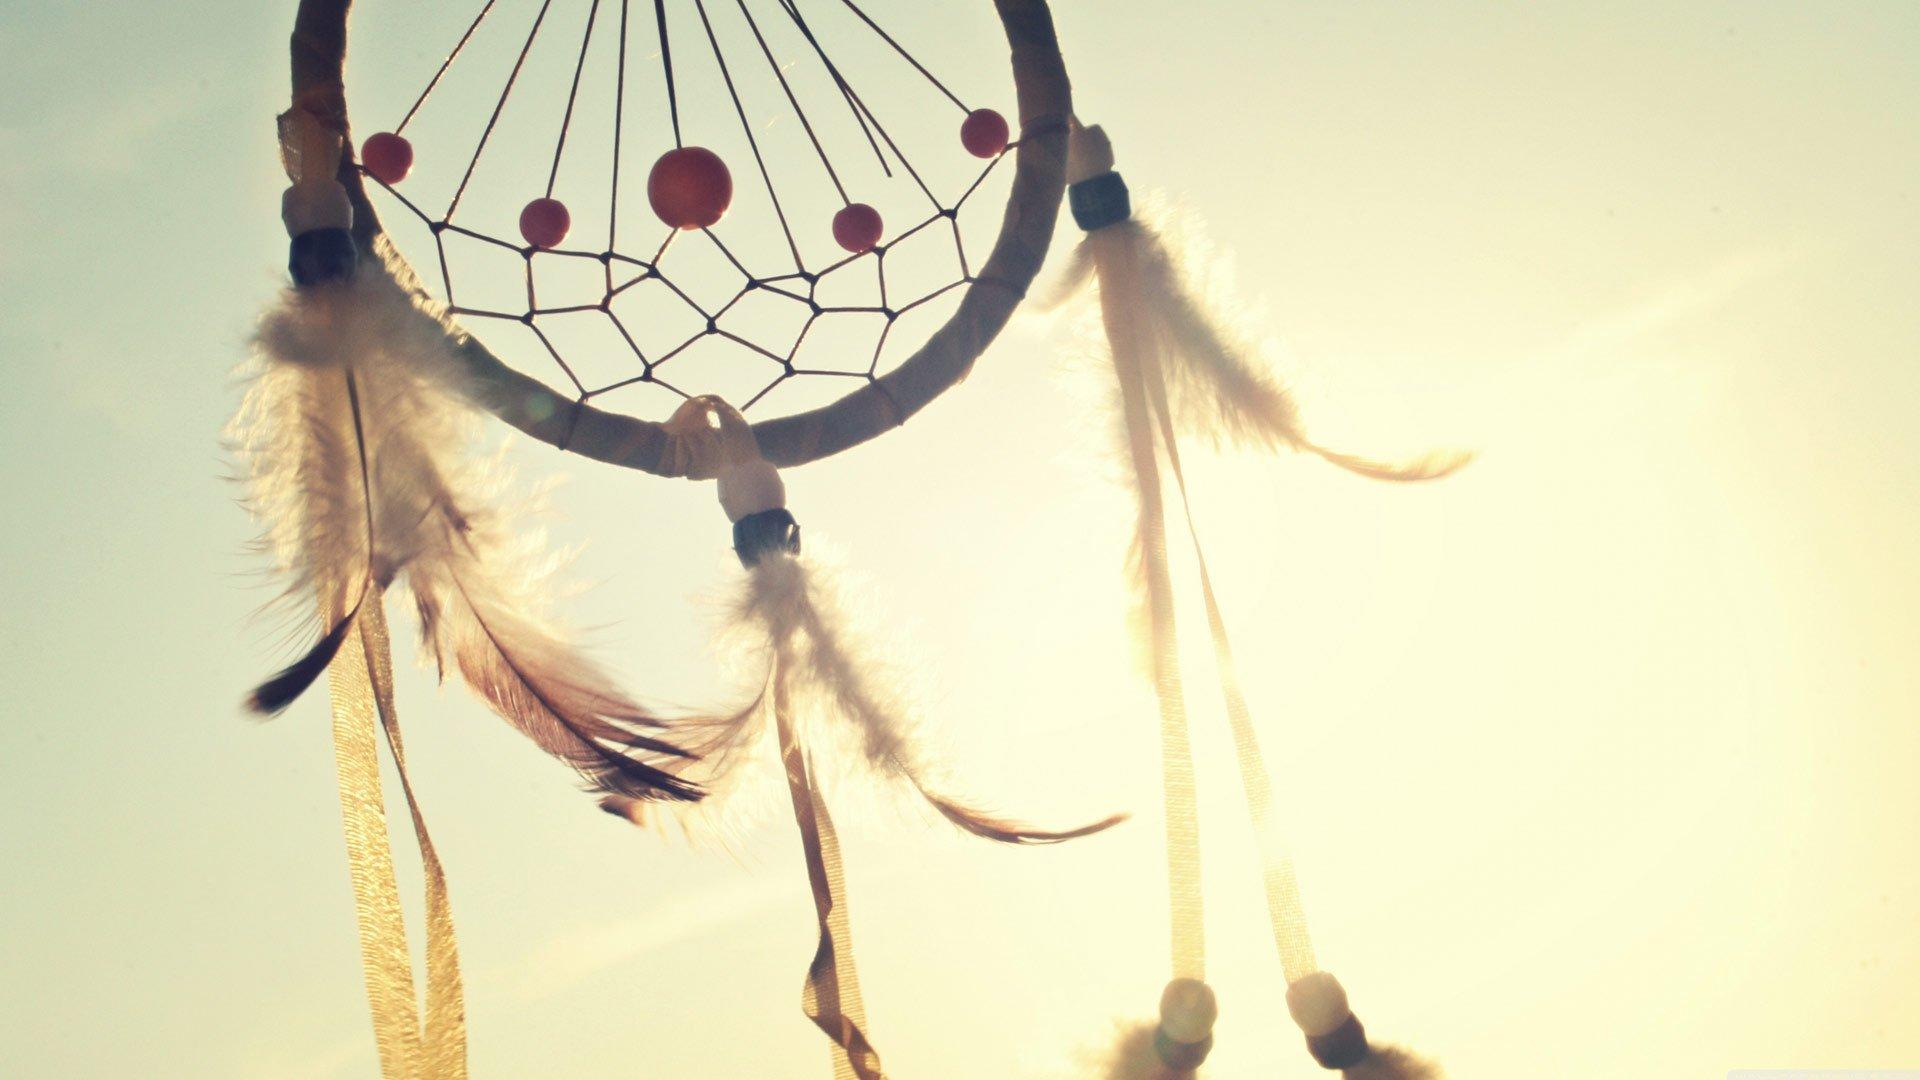 La differenza tra Red Cloud e i grandi Cloud Provider tradizionali